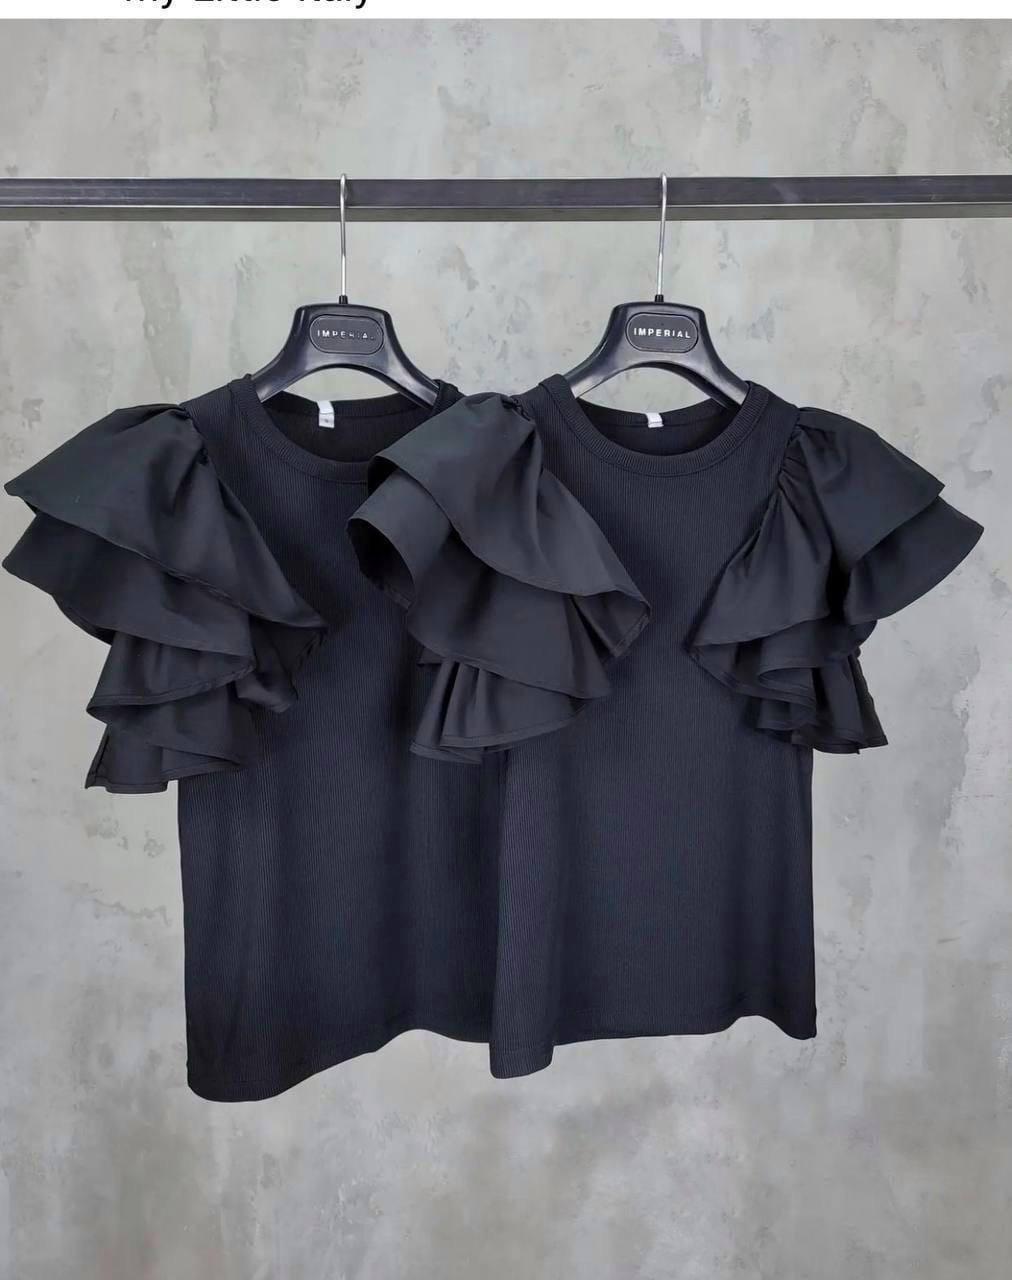 Блузка жіноча з воланами замість рукавів в кілька ярусів